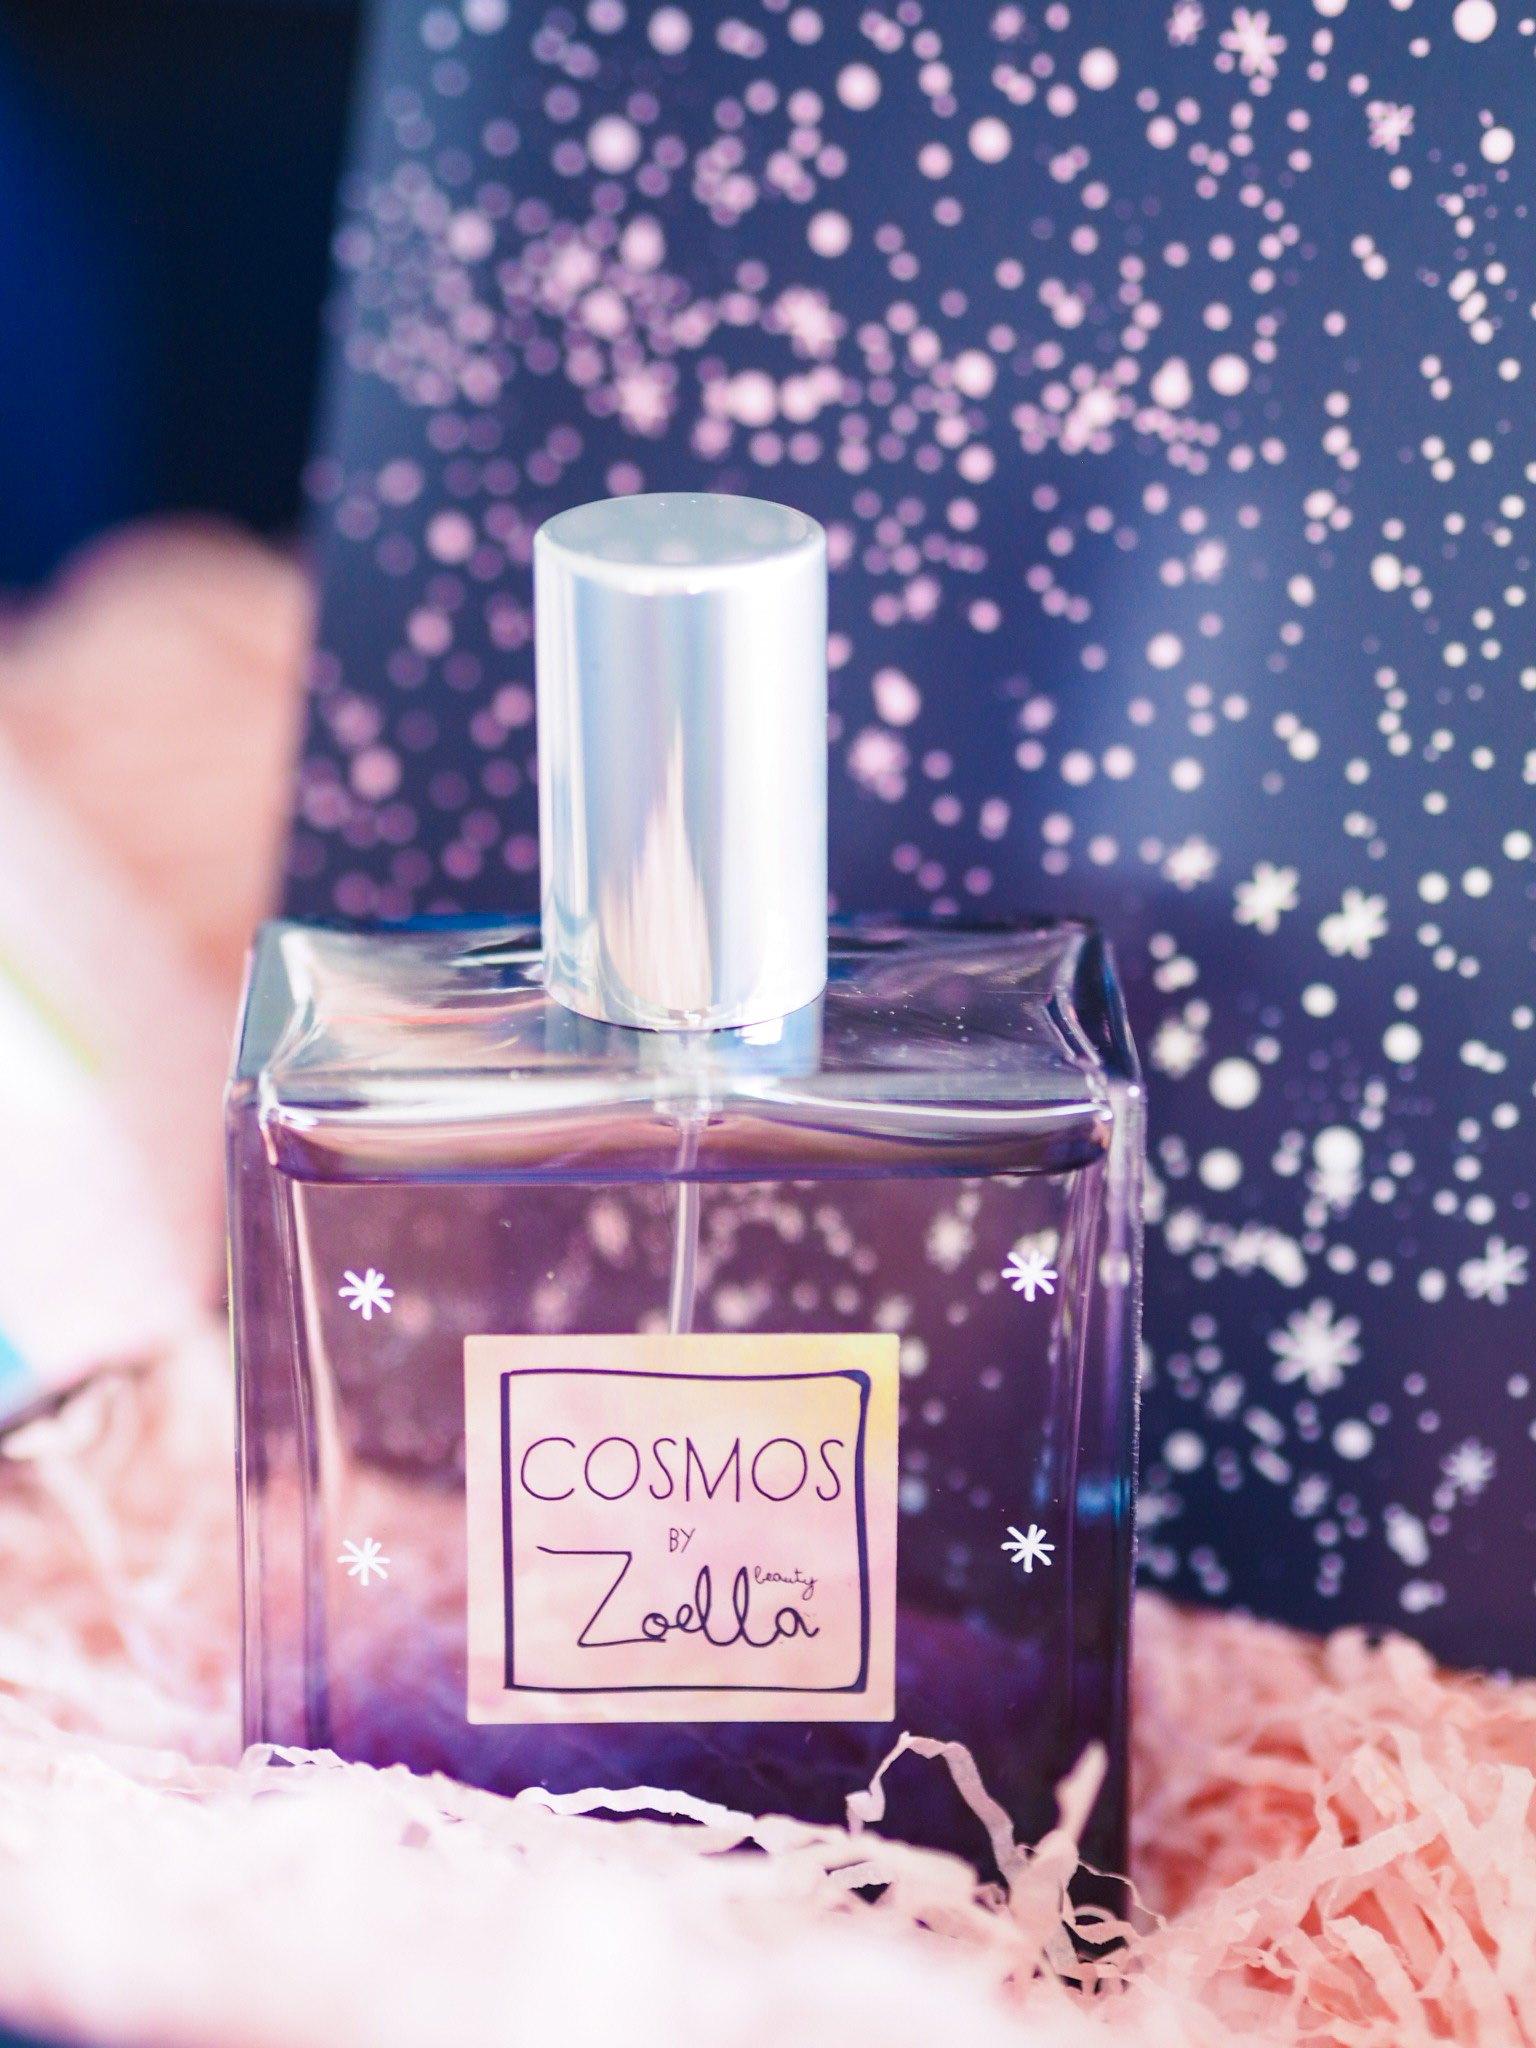 zoella cosmos perfume